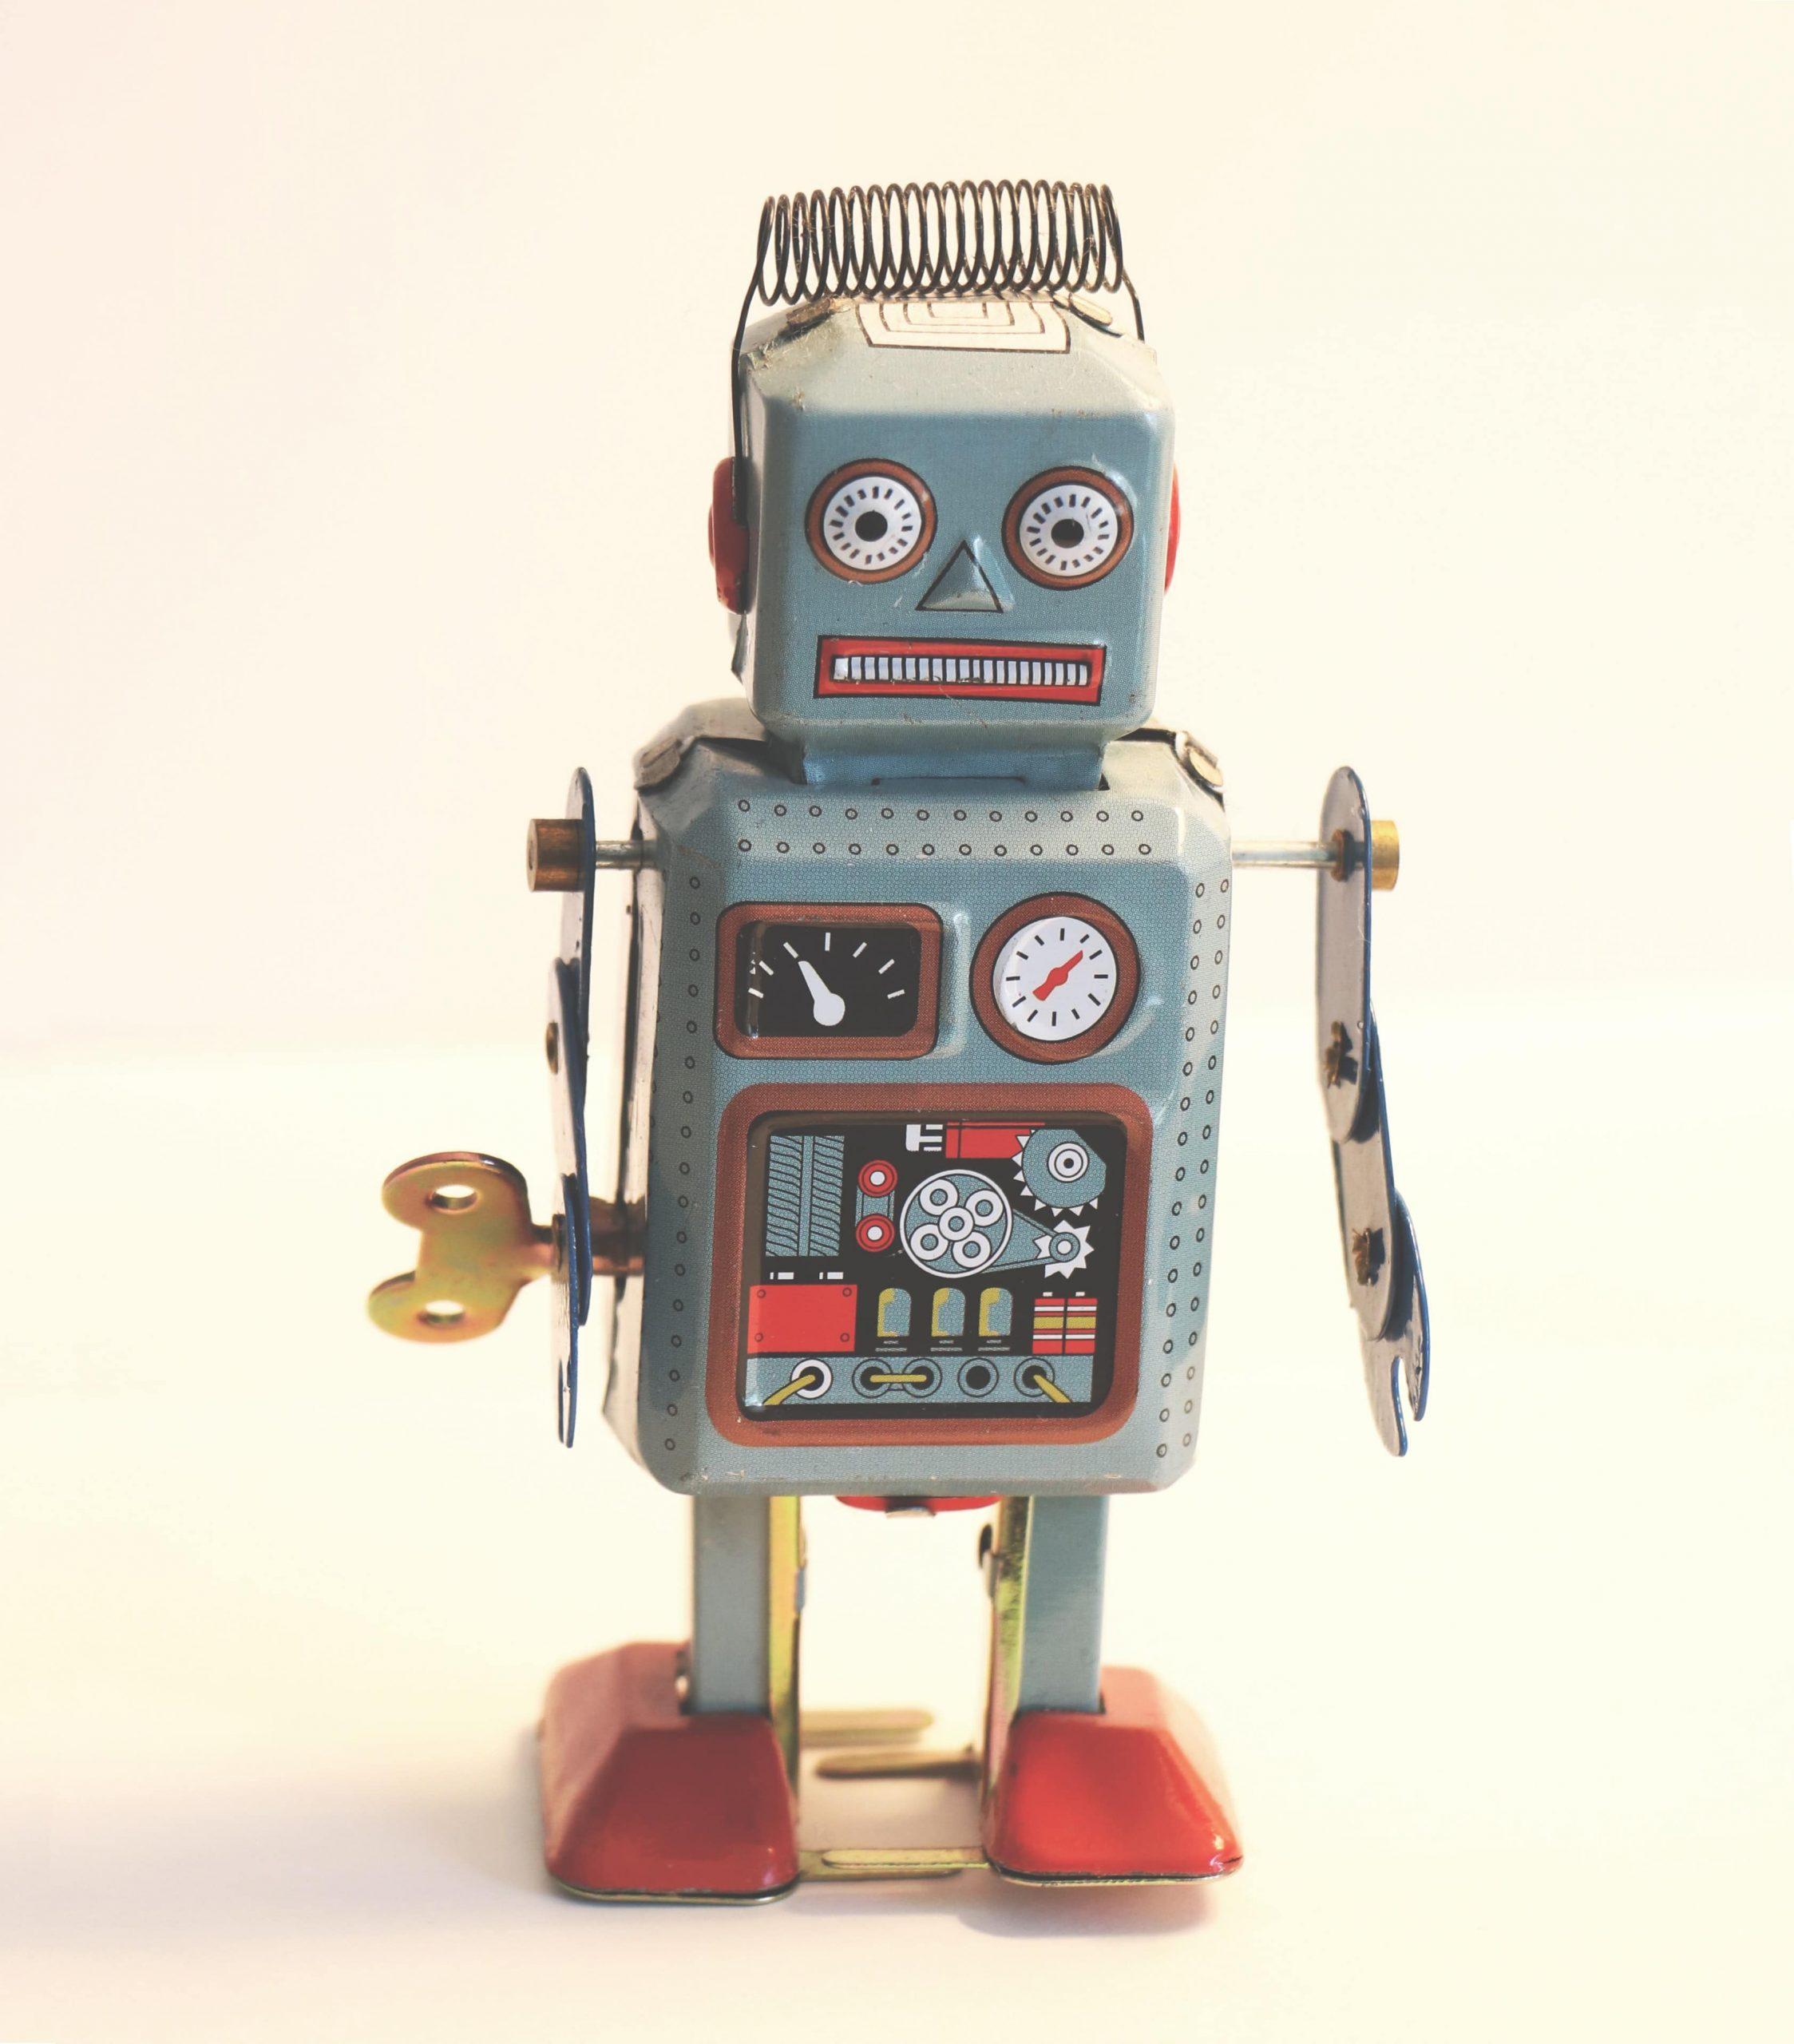 هنگام فروش همانند ربات رفتار نکنید